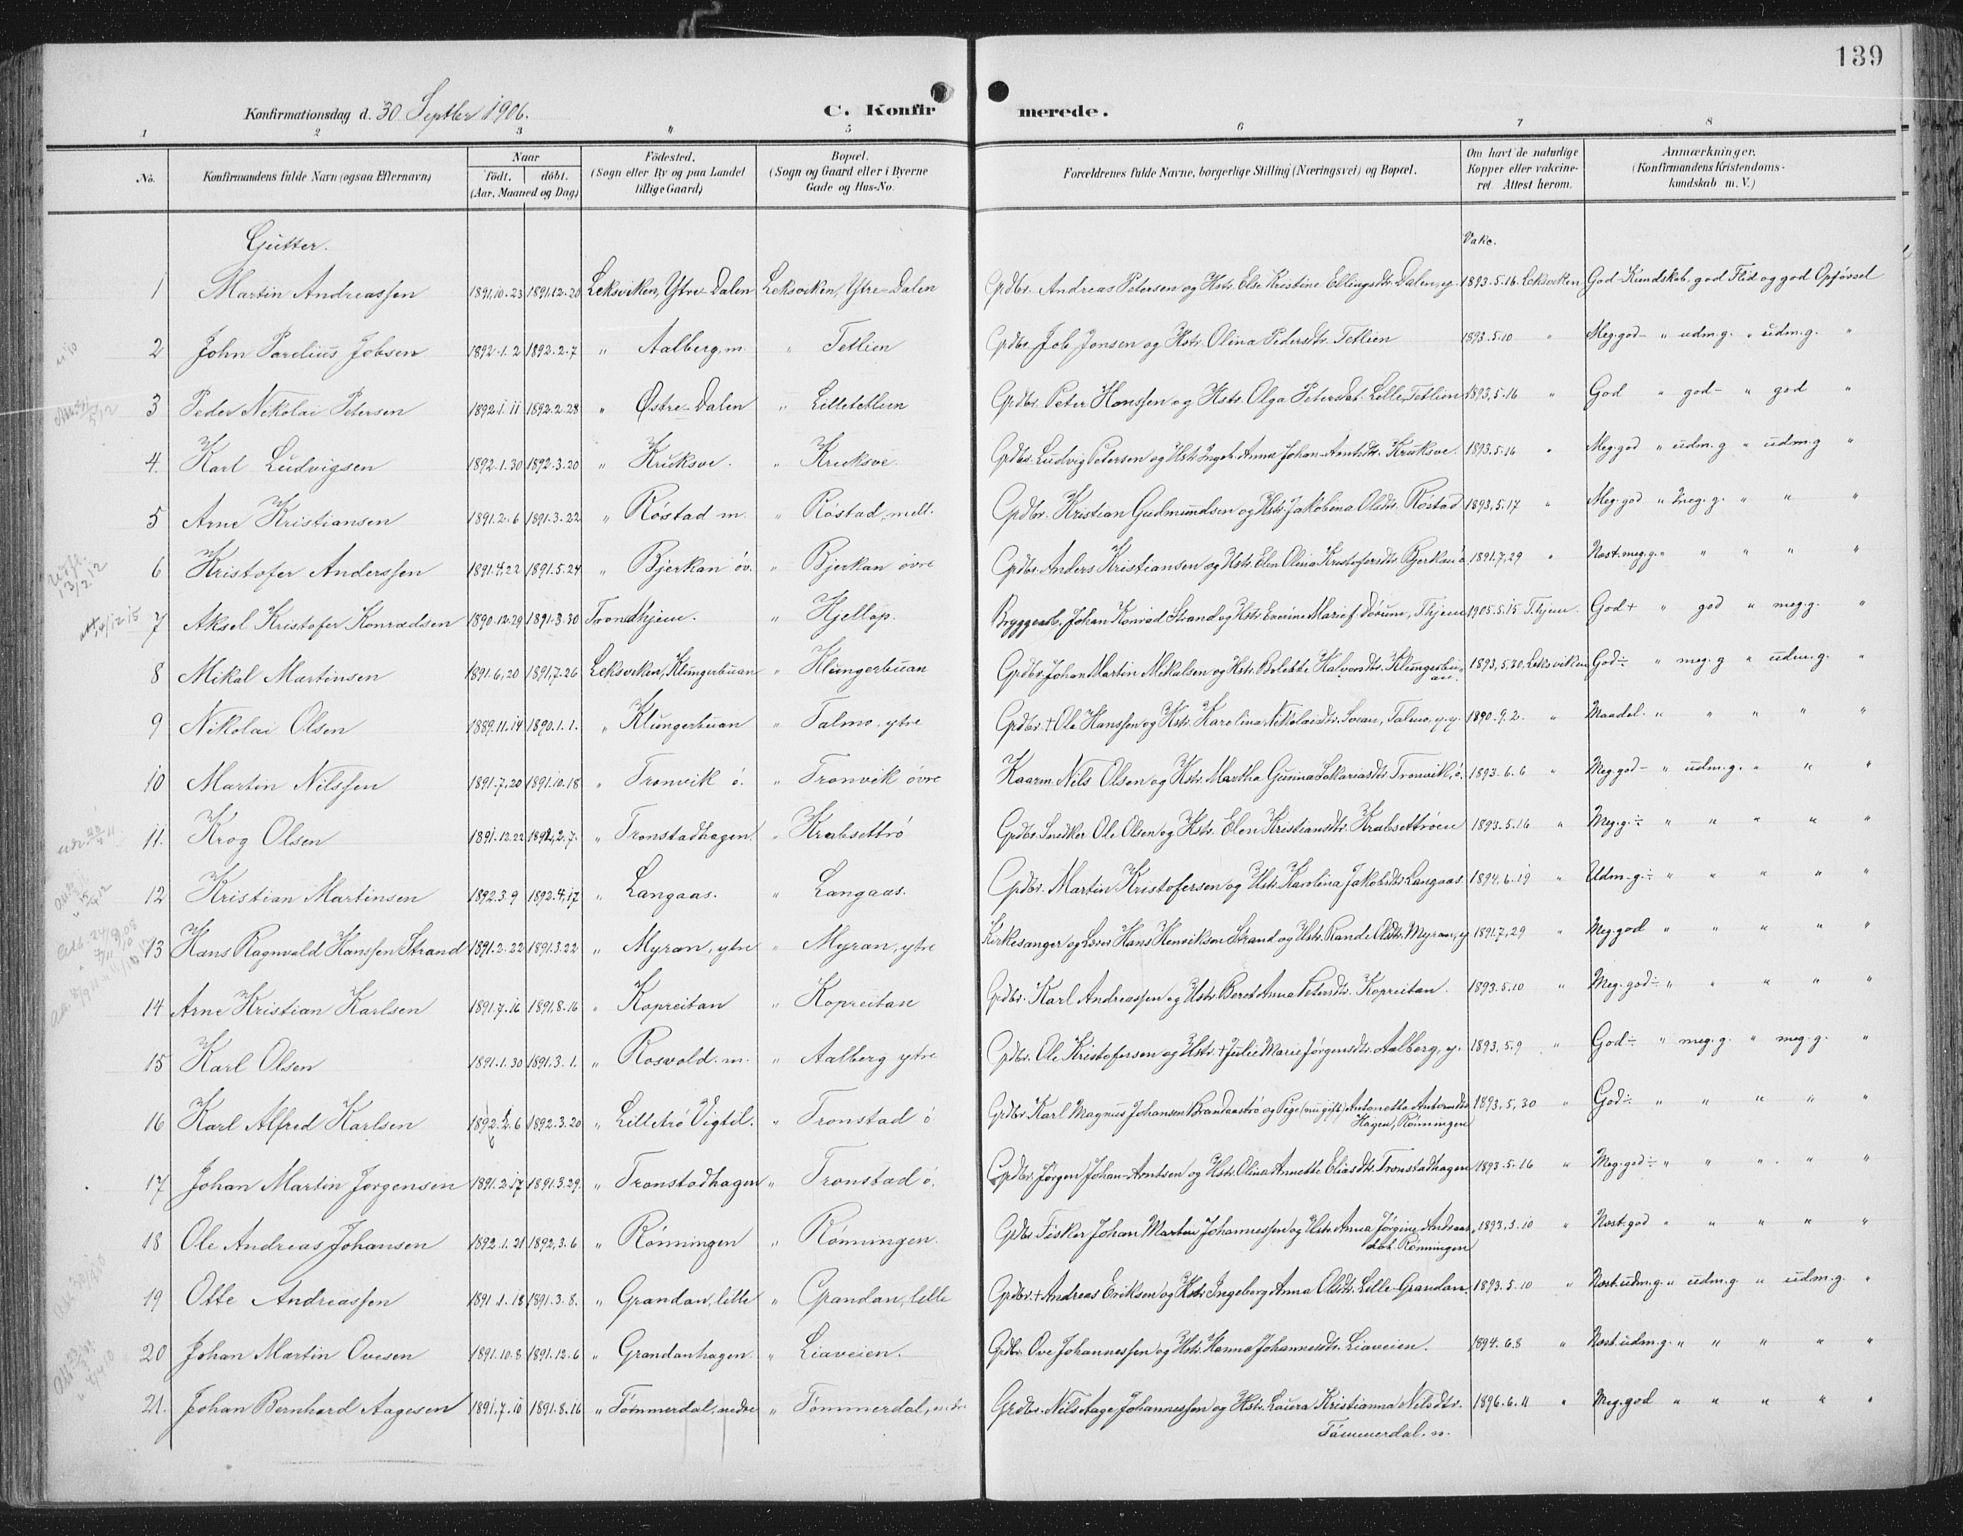 SAT, Ministerialprotokoller, klokkerbøker og fødselsregistre - Nord-Trøndelag, 701/L0011: Ministerialbok nr. 701A11, 1899-1915, s. 139